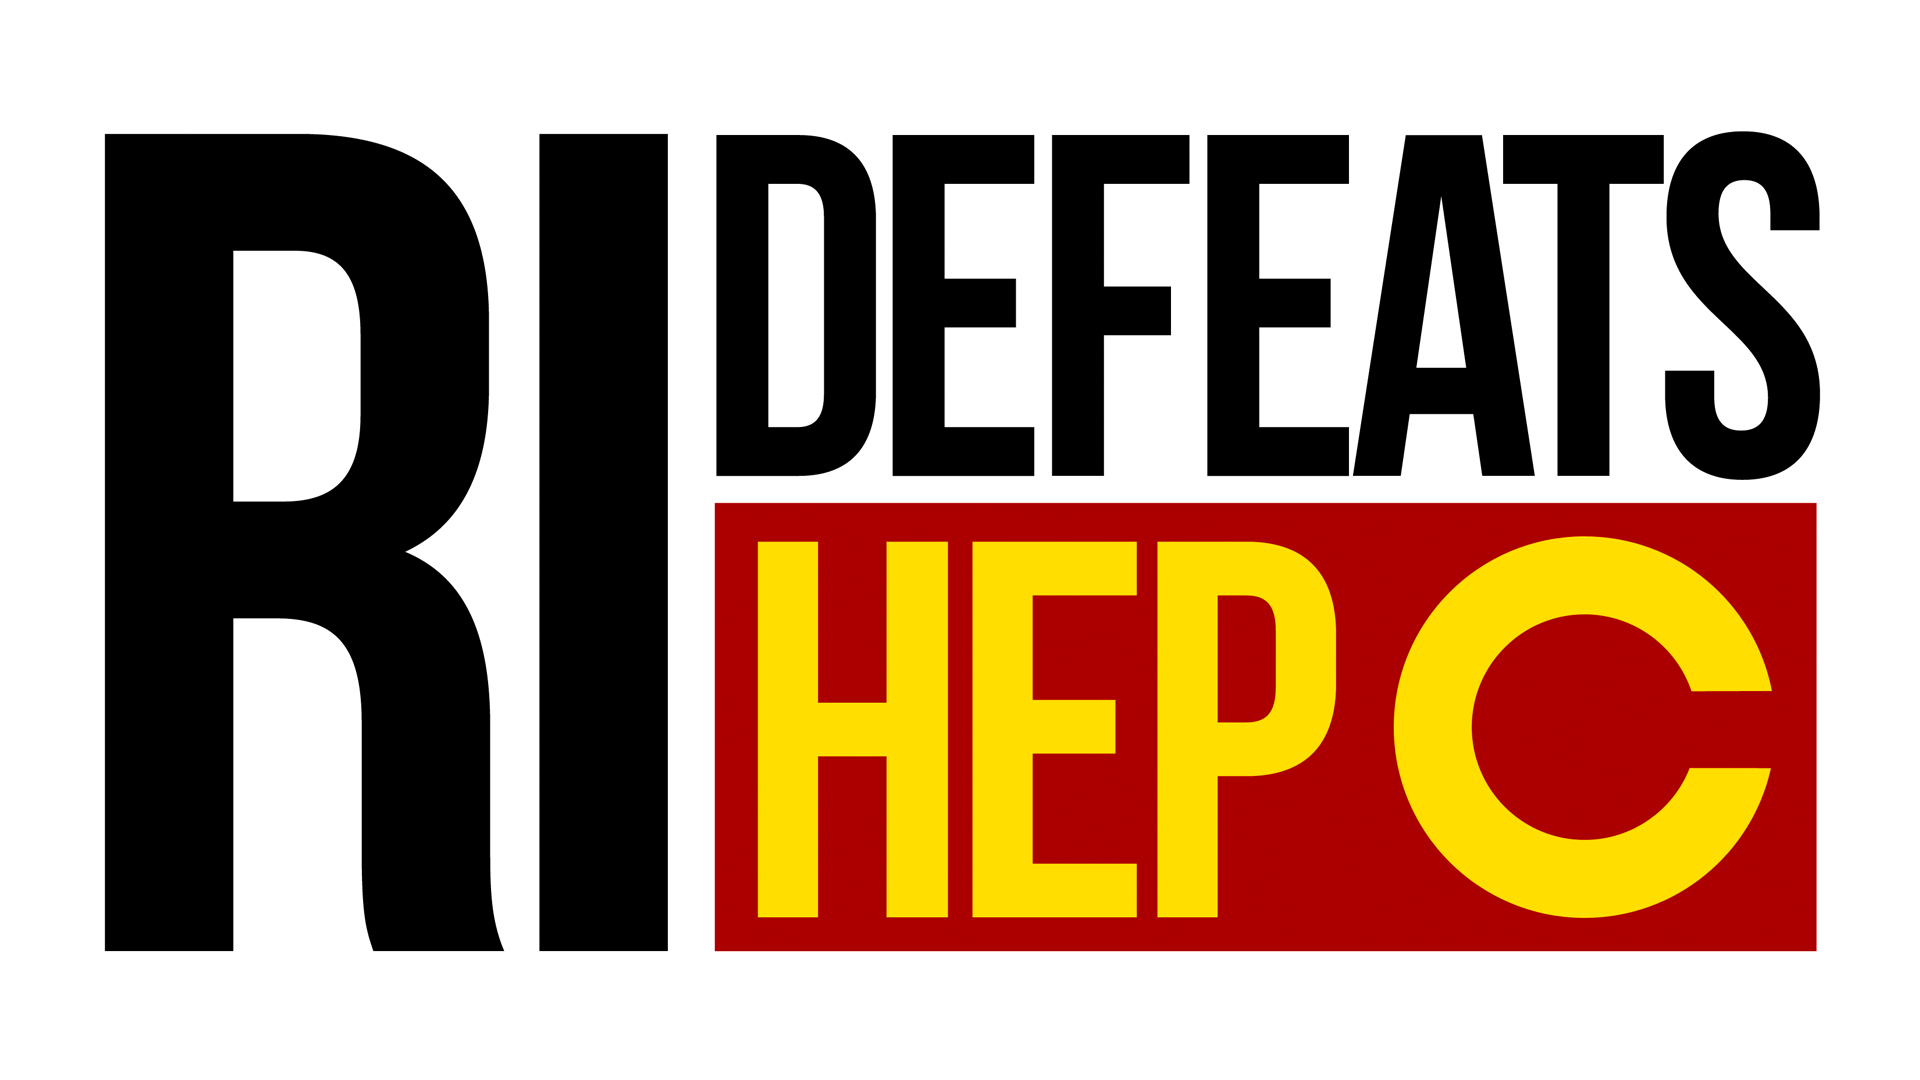 Defeats hep c ri defeats hep c xflitez Image collections